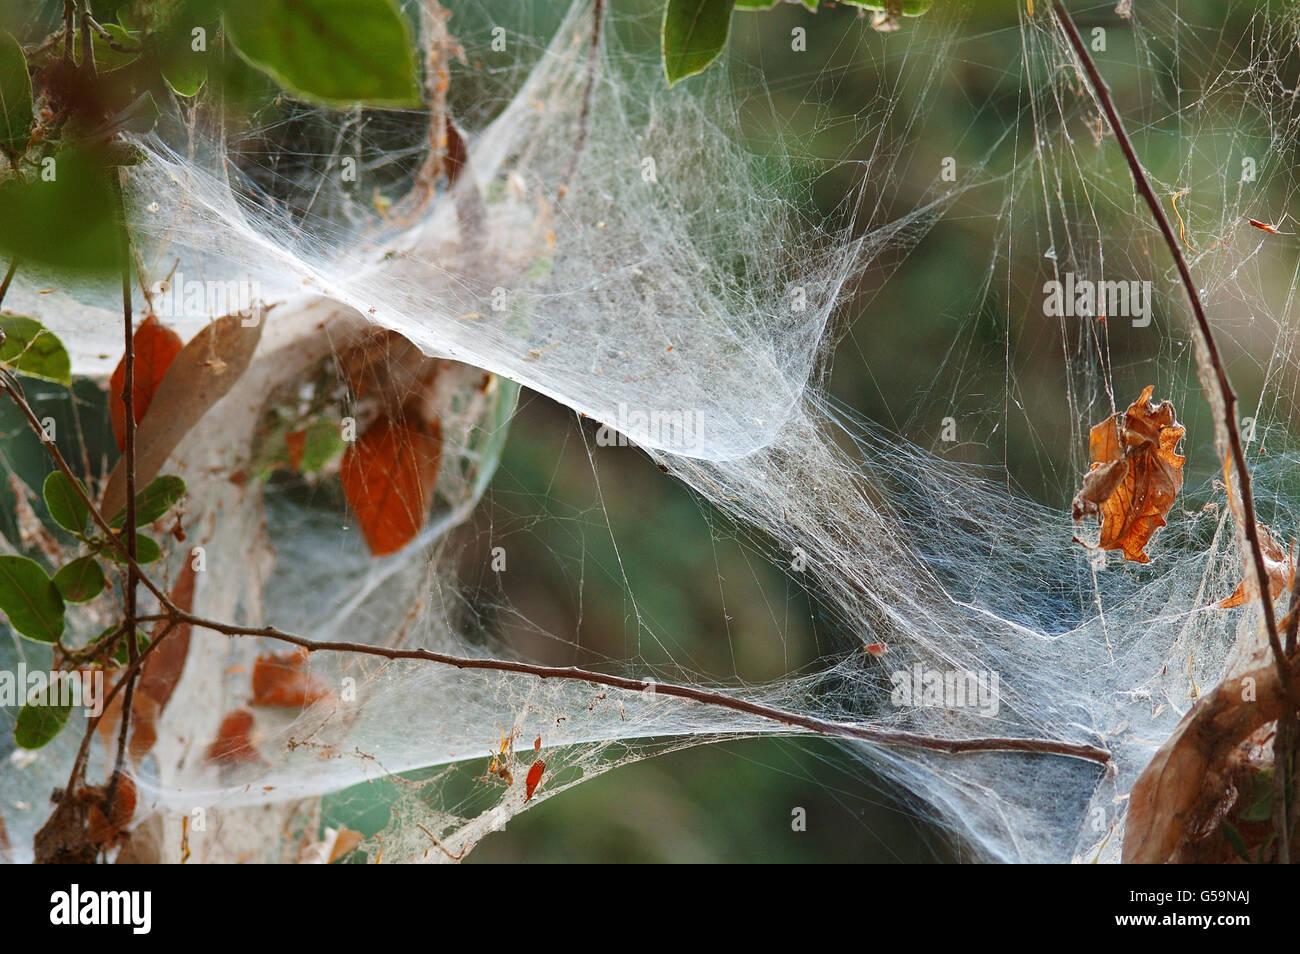 Ancienne usine à sec sur Spider web Photo Stock